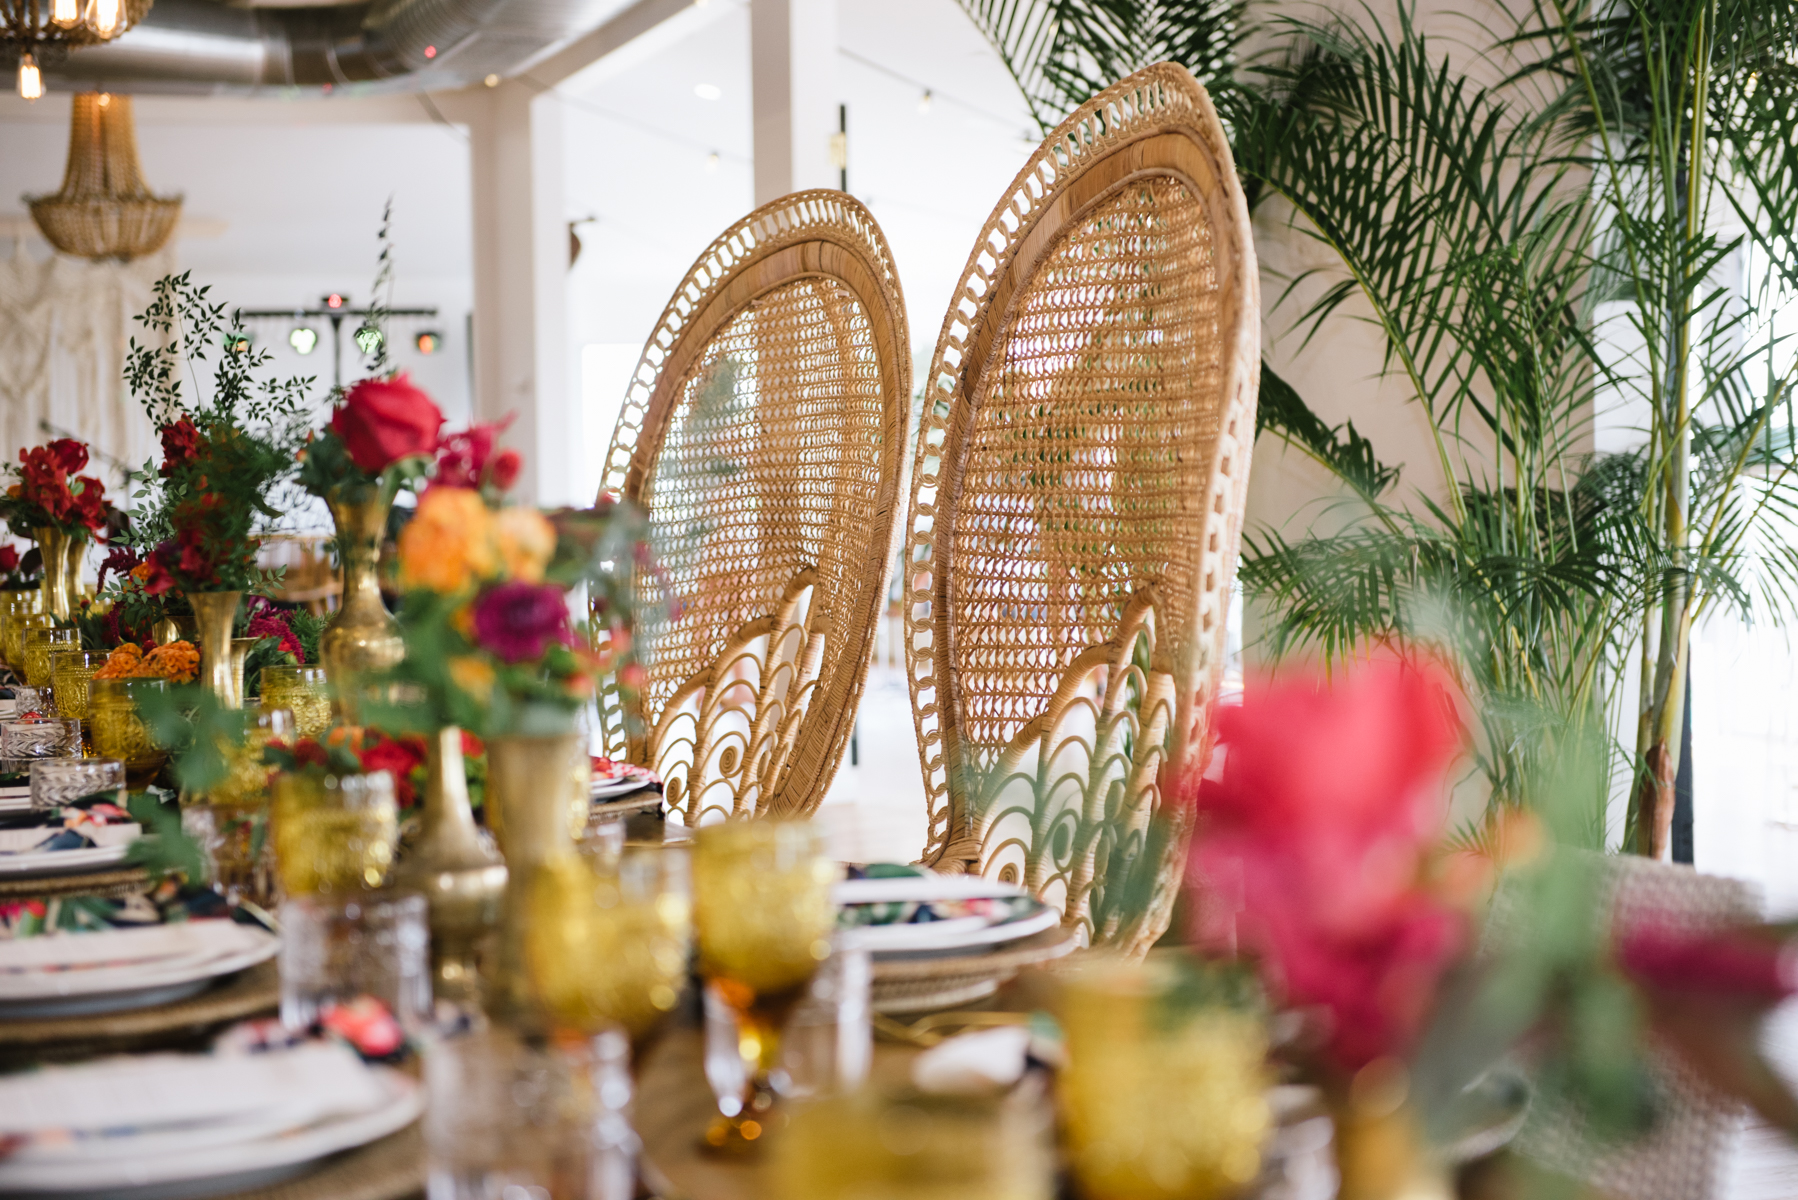 babalou-wedding- skyla sage photography weddings, families, byron bay,tweed coast,kingscliff,cabarita,gold coast-98.jpg